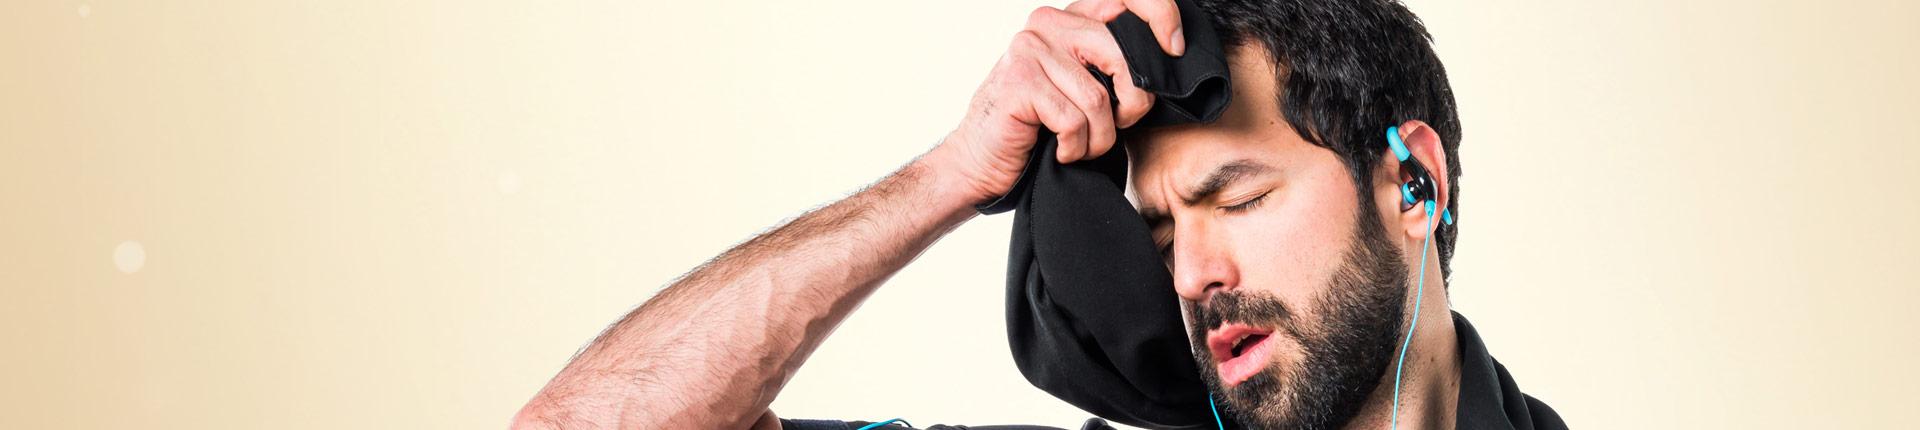 Choroby jakie możesz złapać na siłowni. Uwaga na infekcje skóry!